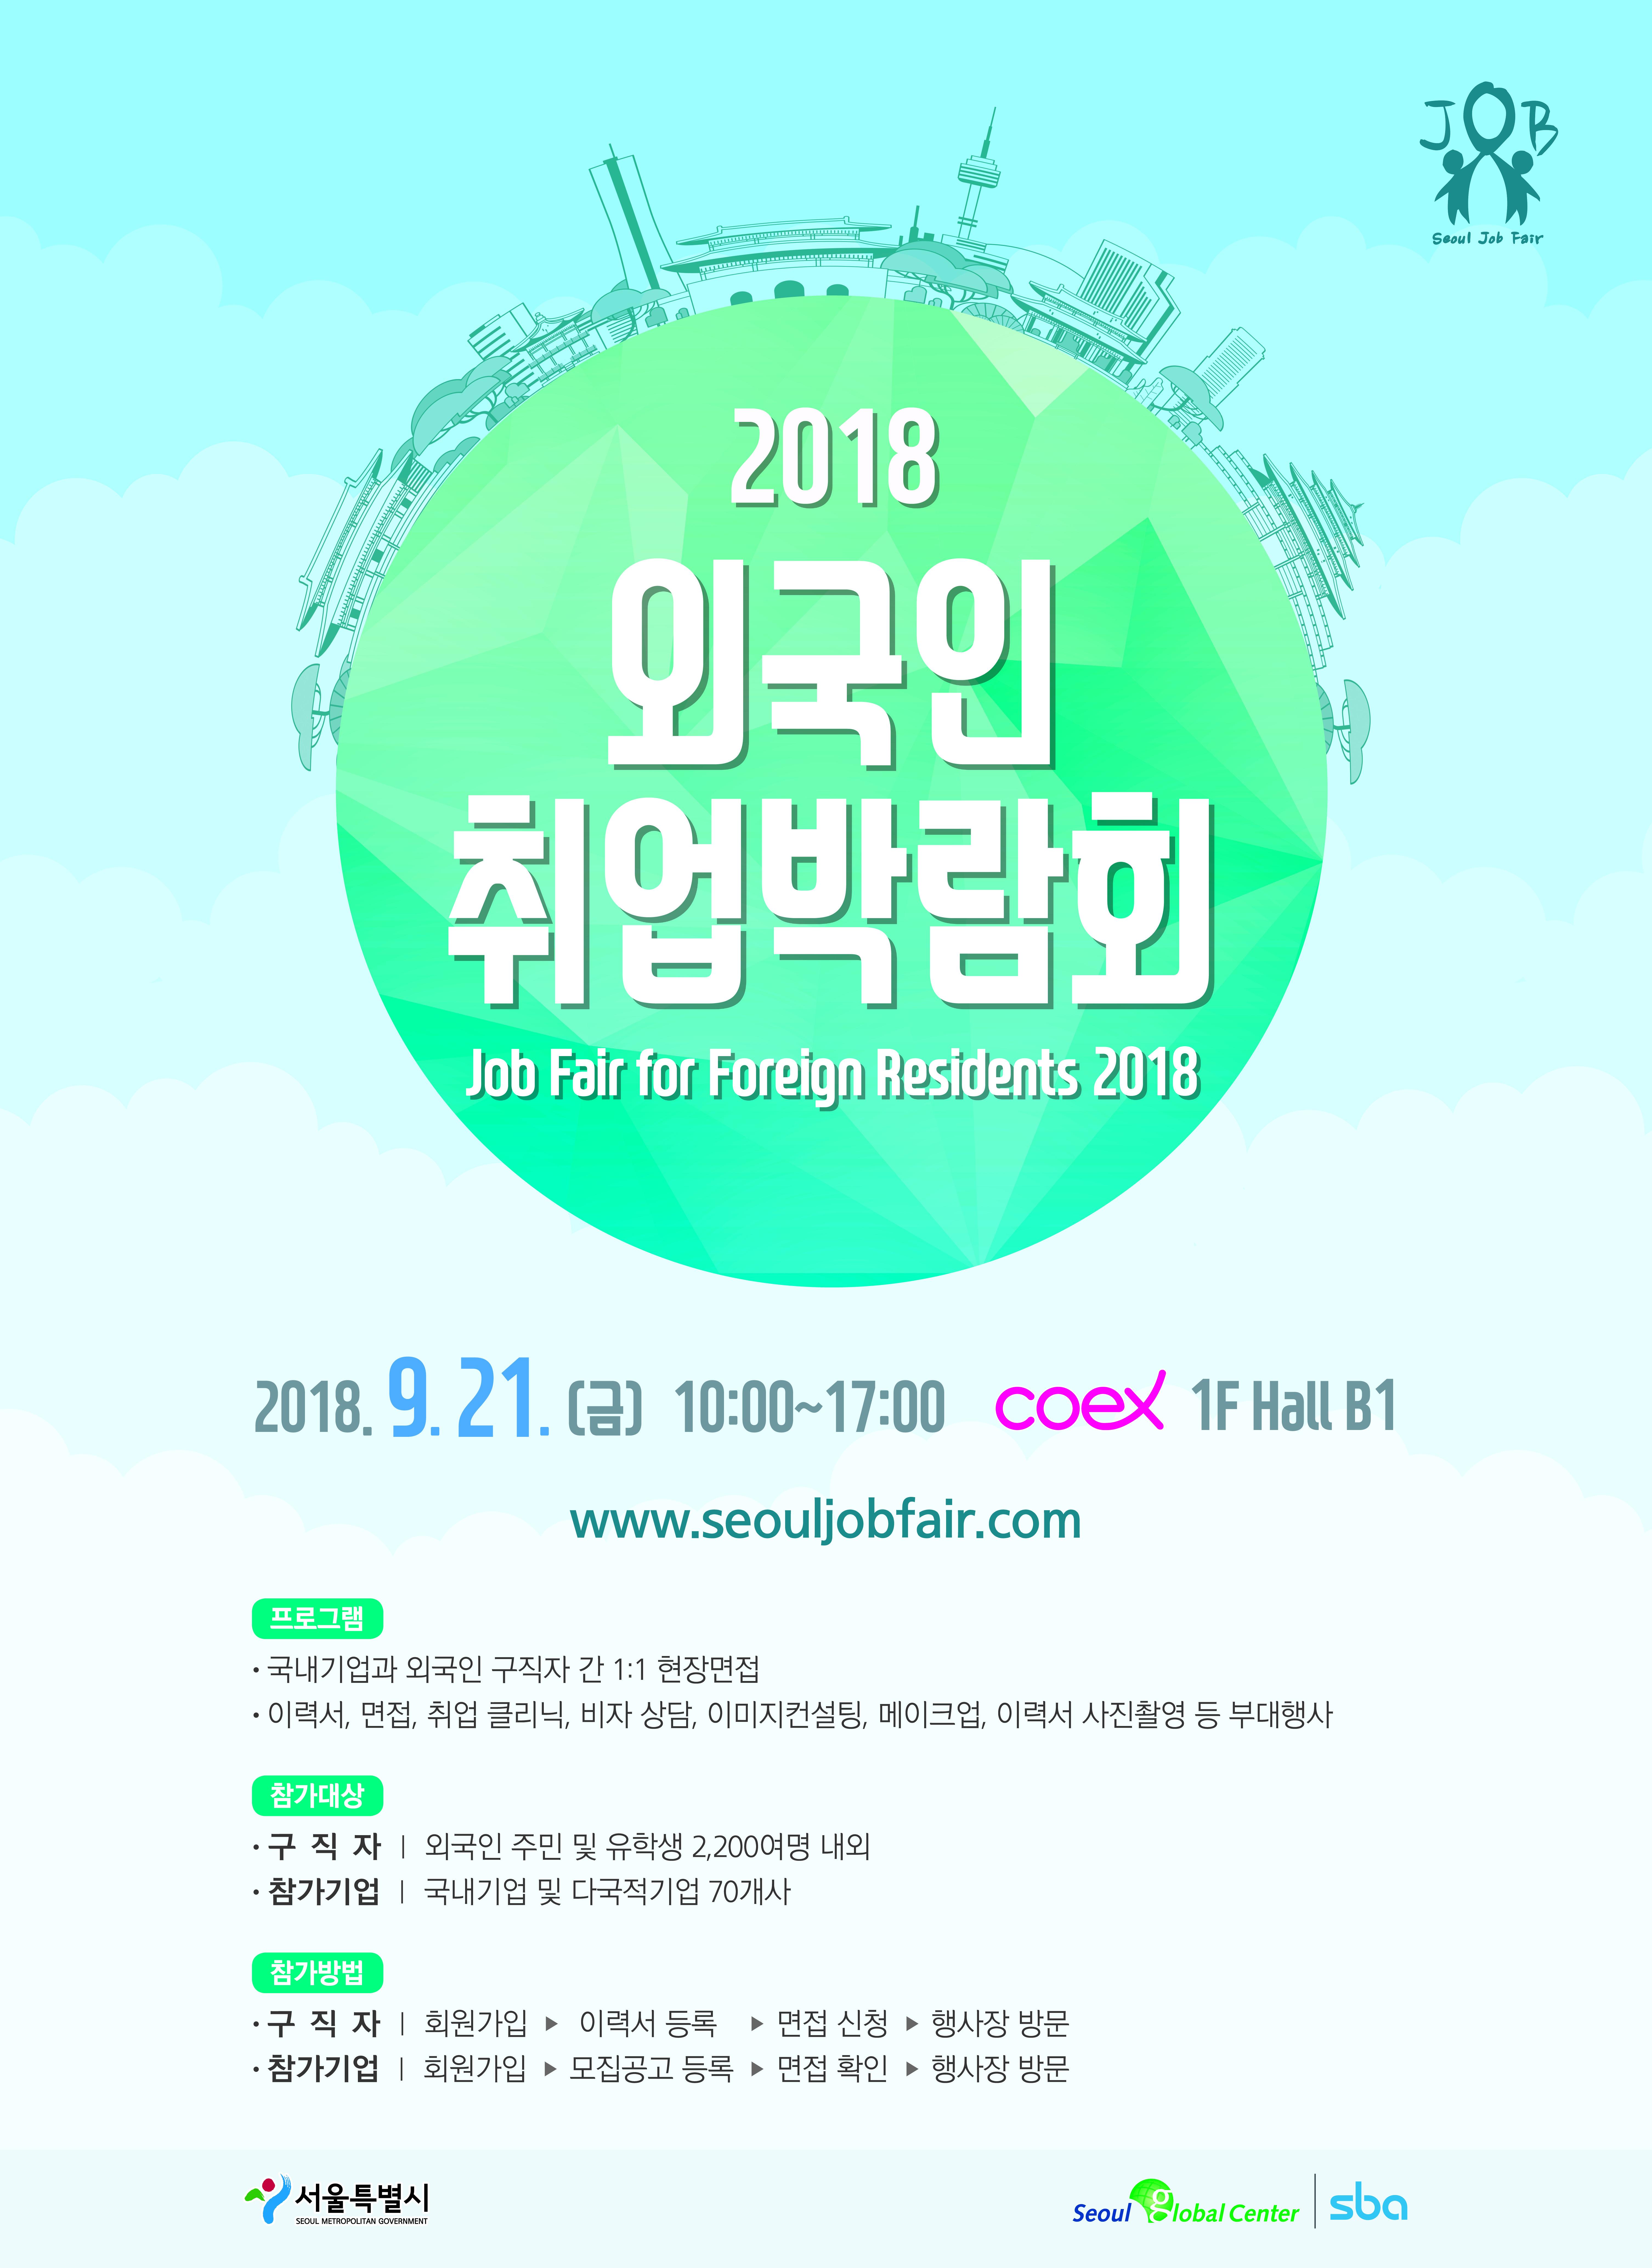 2018외국인취업박람회